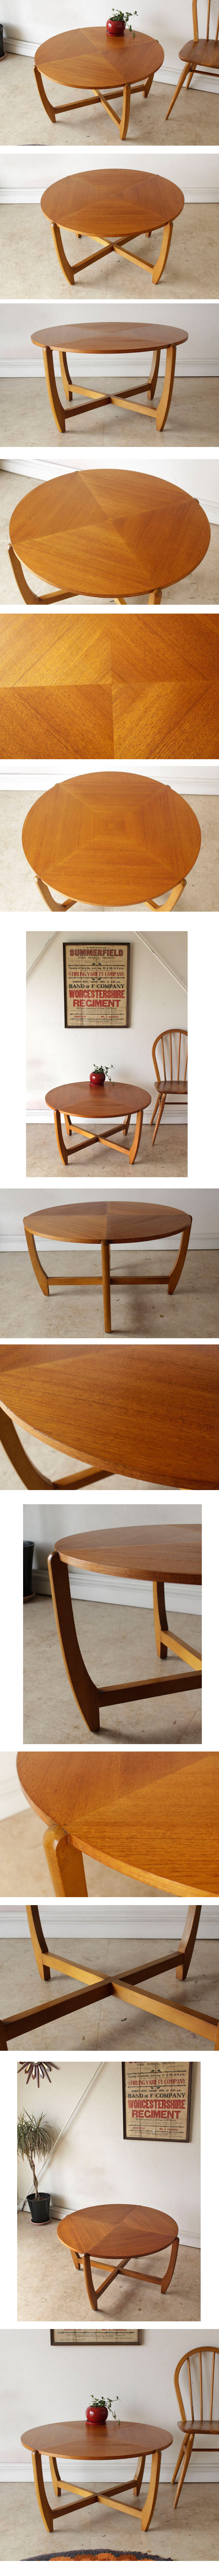 ネイサン・NATHAN・ラウンド・円形・コーヒーテーブル・ビンテージ・チーク・アンティーク・ミッドセンチュリー・北欧デザイン・家具